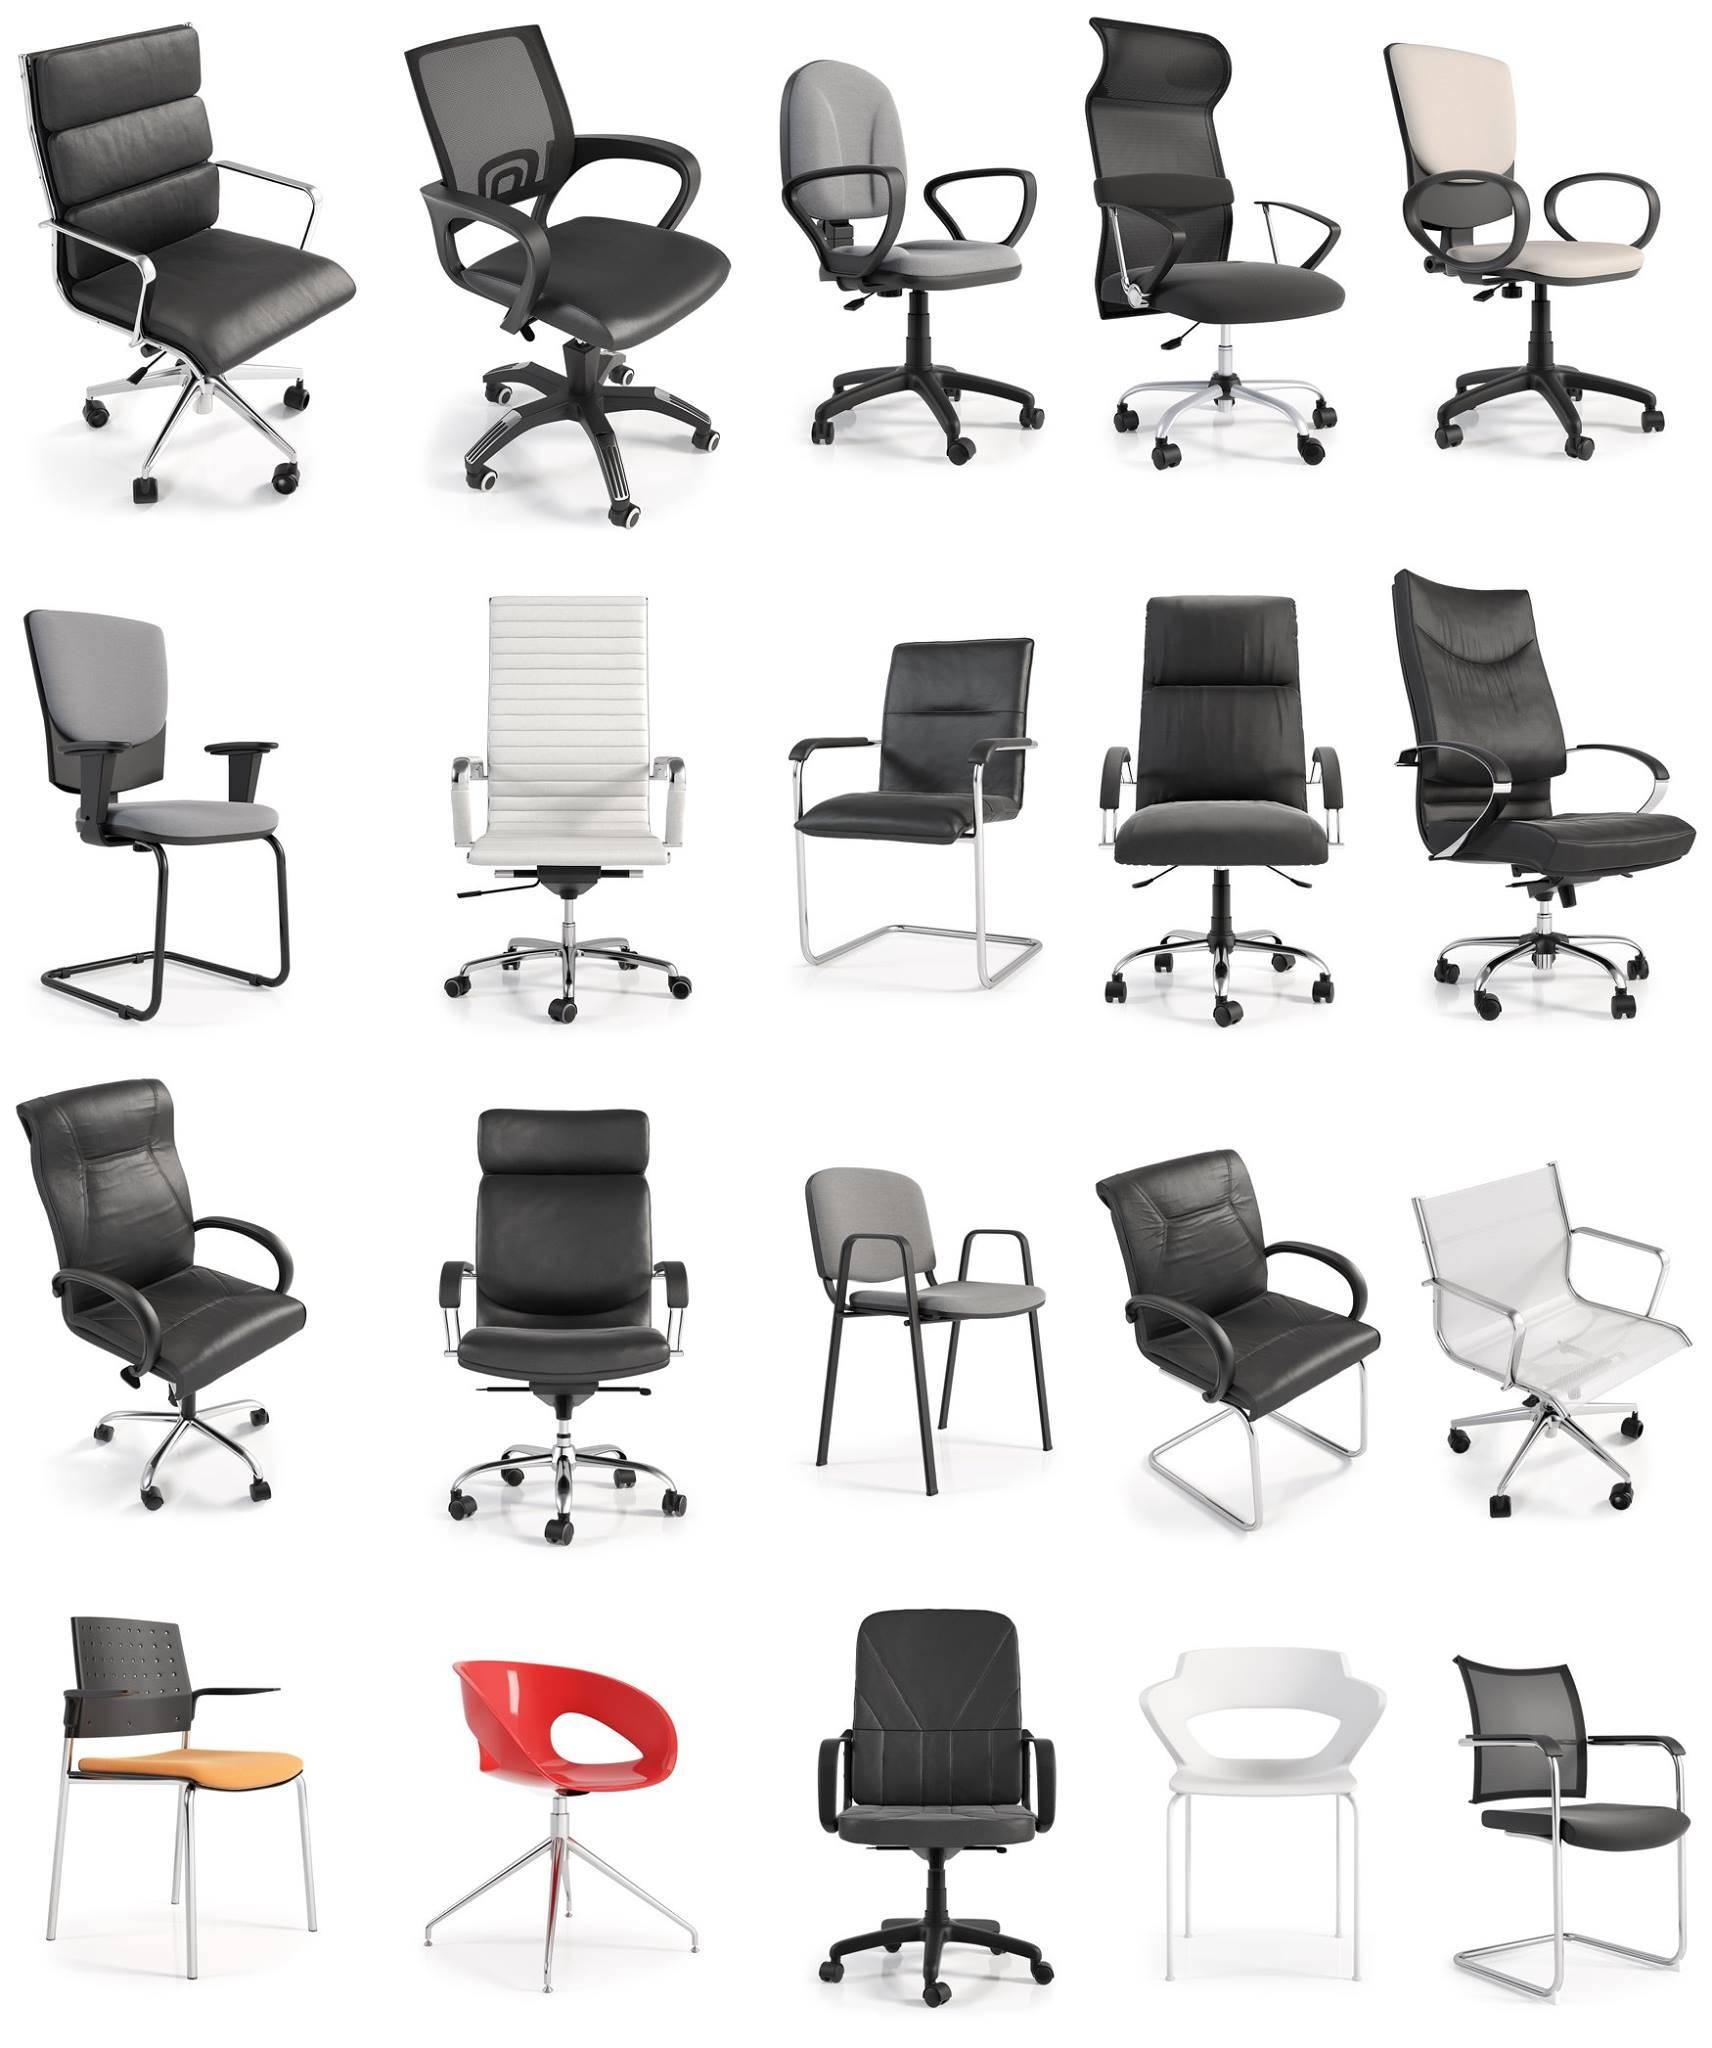 Modelos 3d gratis cclxxx sillas de oficina ejezeta for Sillas para oficina office max